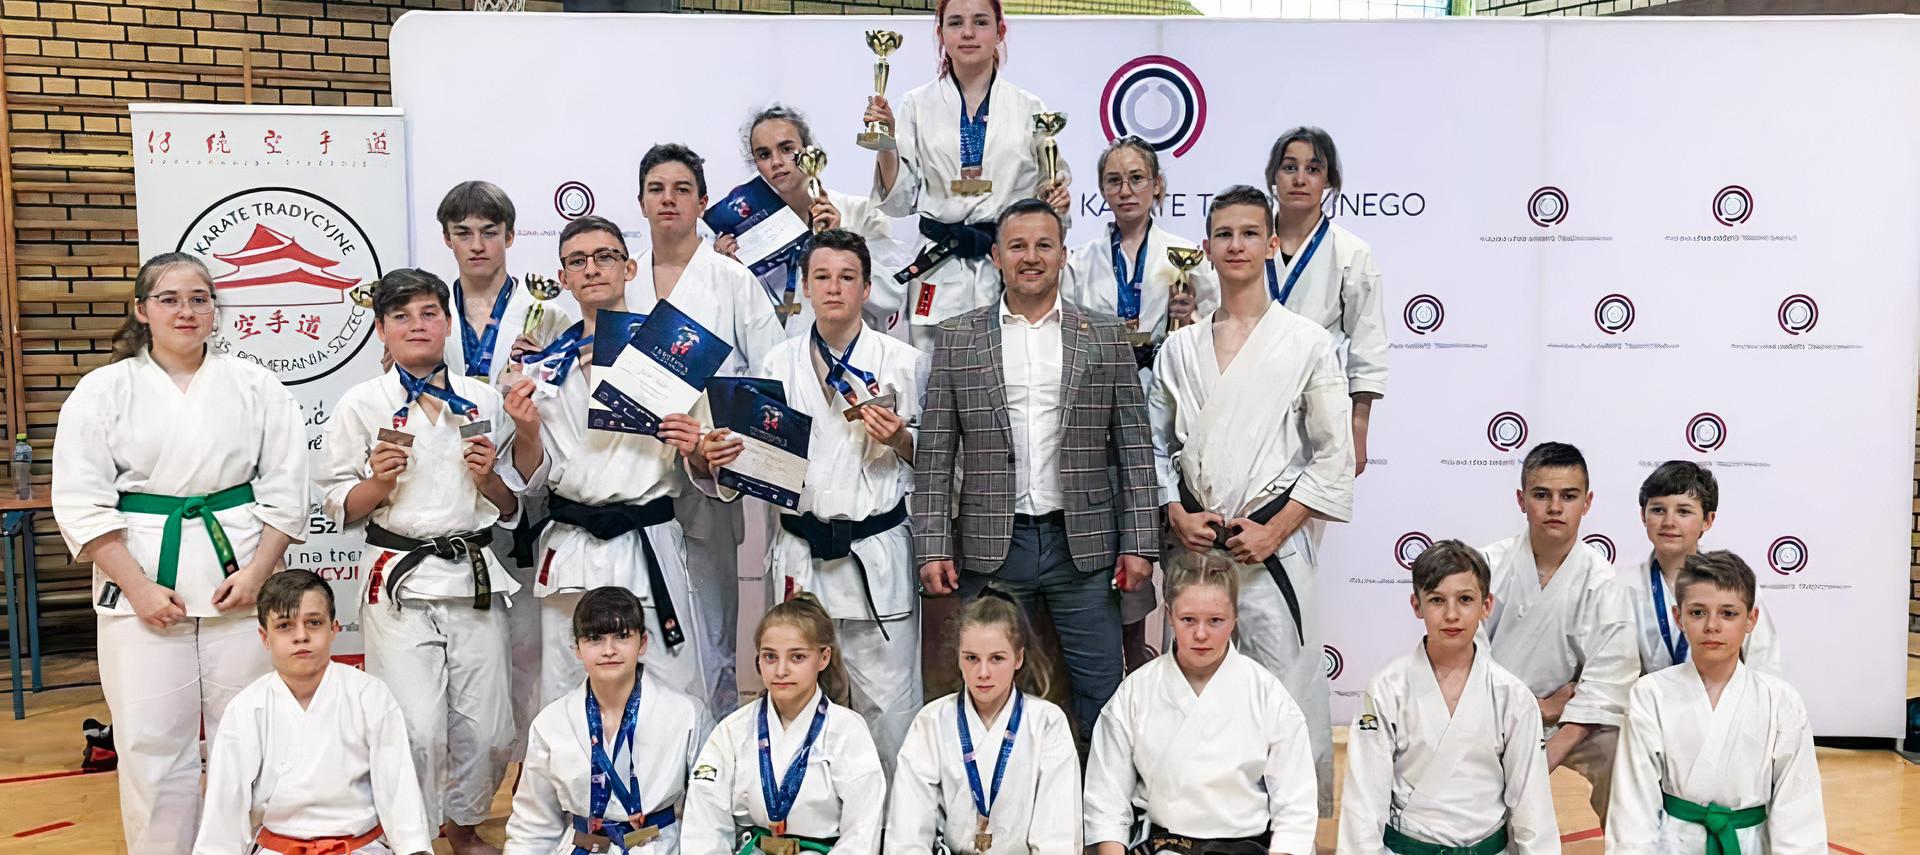 zdjęcie grupowe zawodników AKT Niepołomice